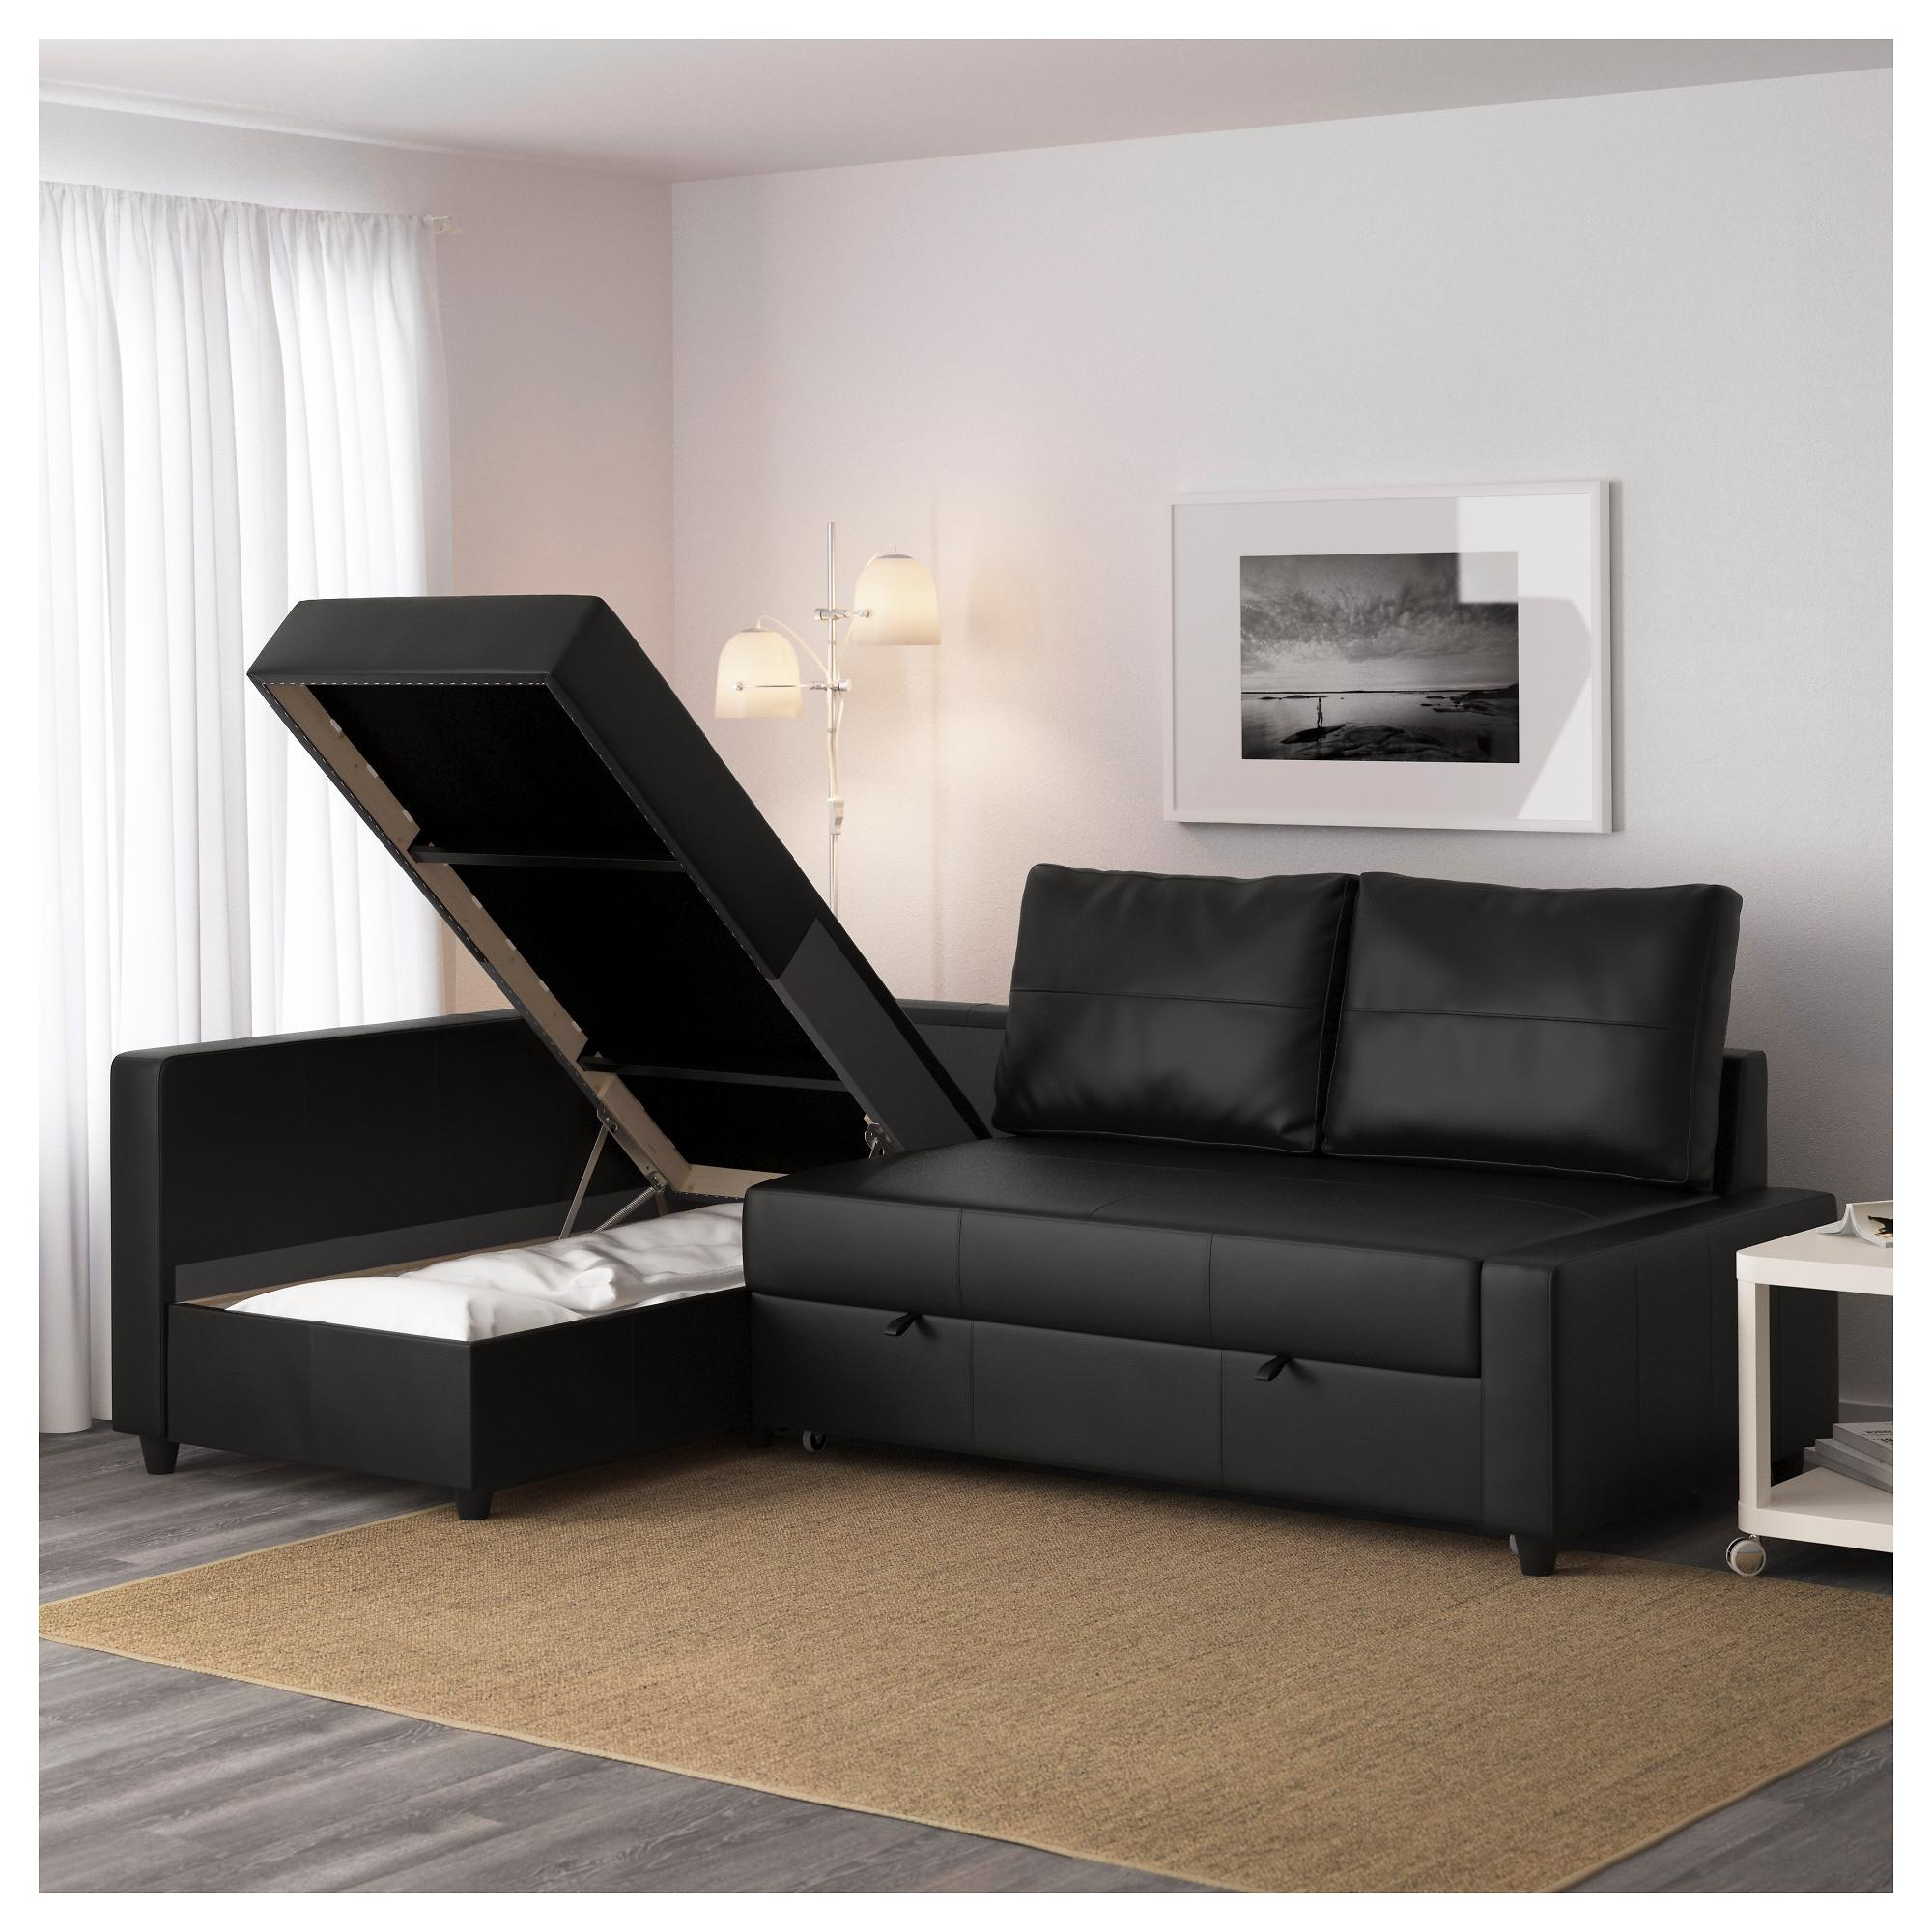 Friheten Corner Sofa Bed With Storage – Skiftebo Dark Gray – Ikea With Corner Sofa Bed With Storage Ikea (View 2 of 20)